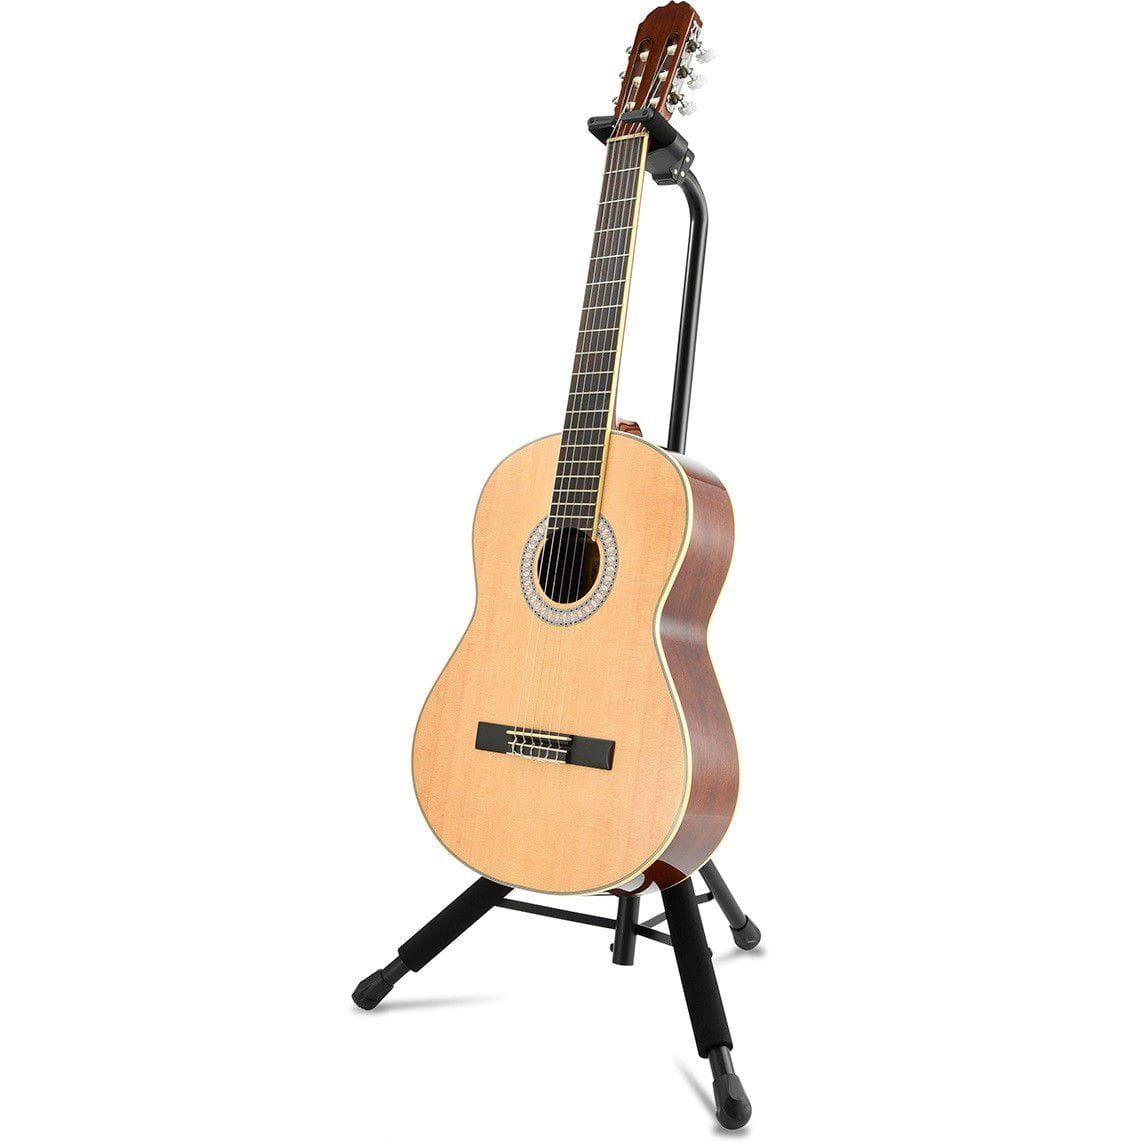 Hercules Suporte para Guitarra, Violão, Baixo e Violoncelo GS414B PLUS